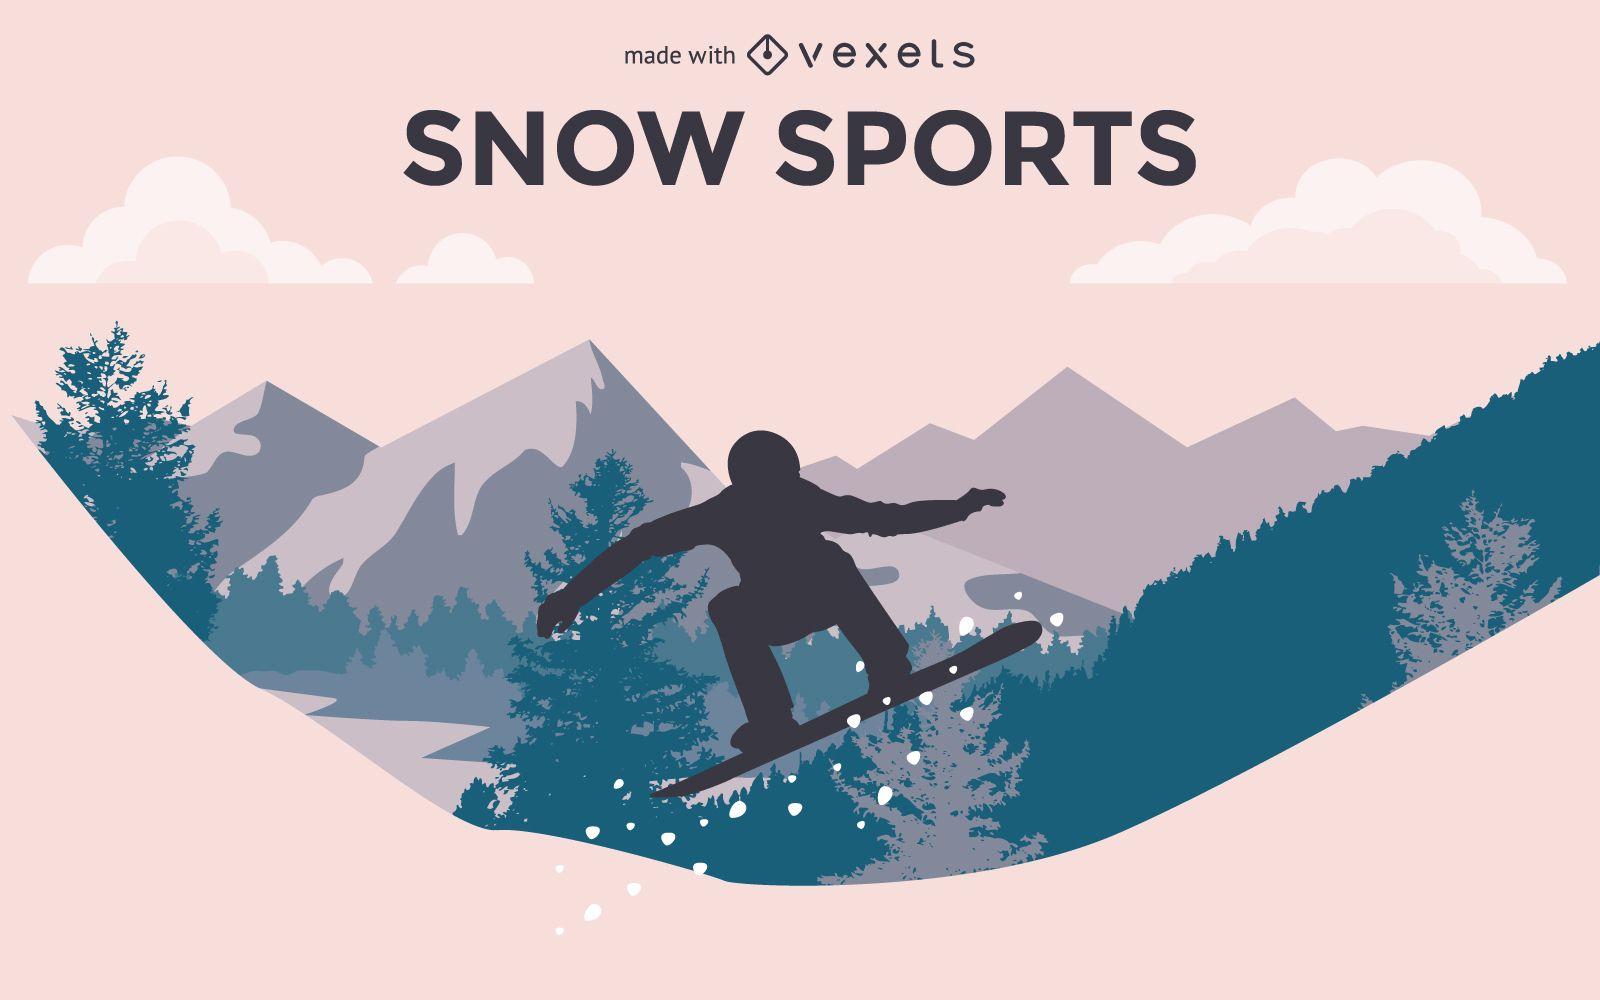 Diseño personalizable de deportes de invierno